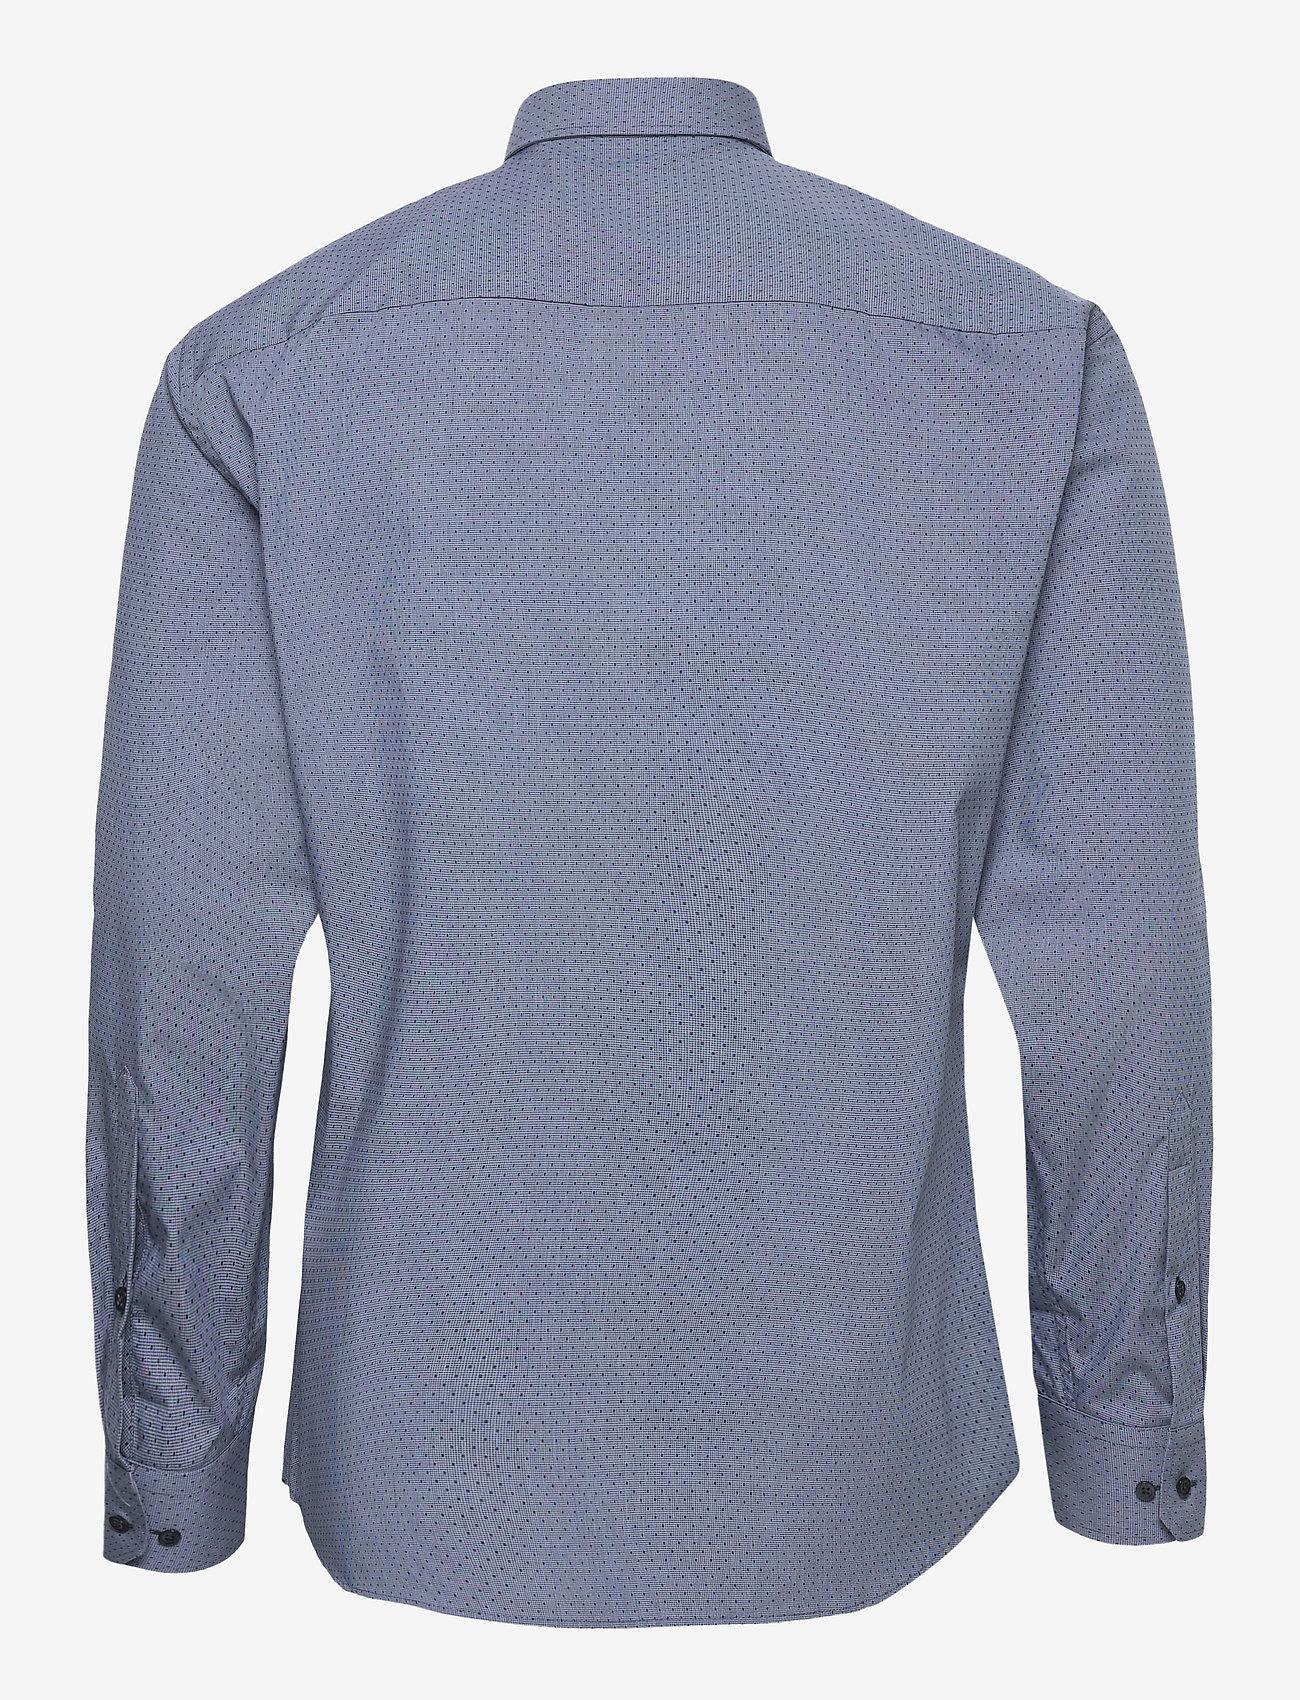 Bosweel Shirts Est. 1937 - Woven dots - chemises d'affaires - dark blue - 1